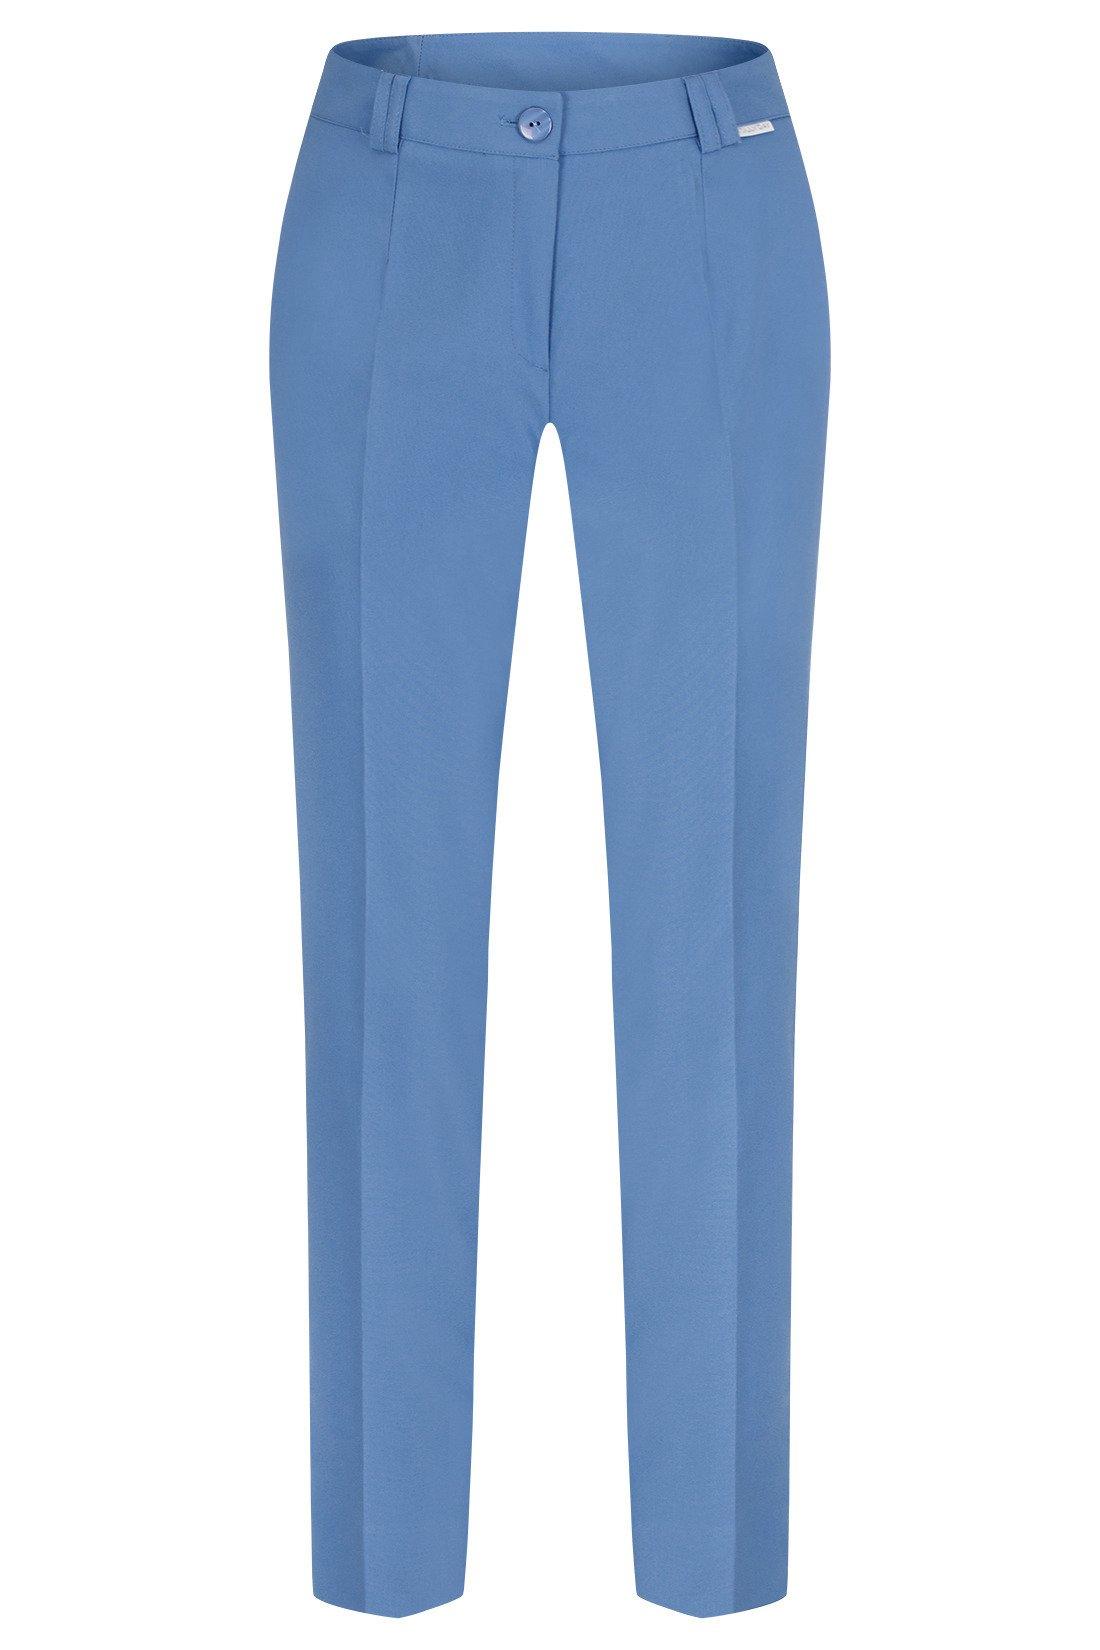 085bd9ab0e Spodnie damskie Hela jasny jeansowy rozciągliwe wysokie w stanie długość 7 8  Kliknij